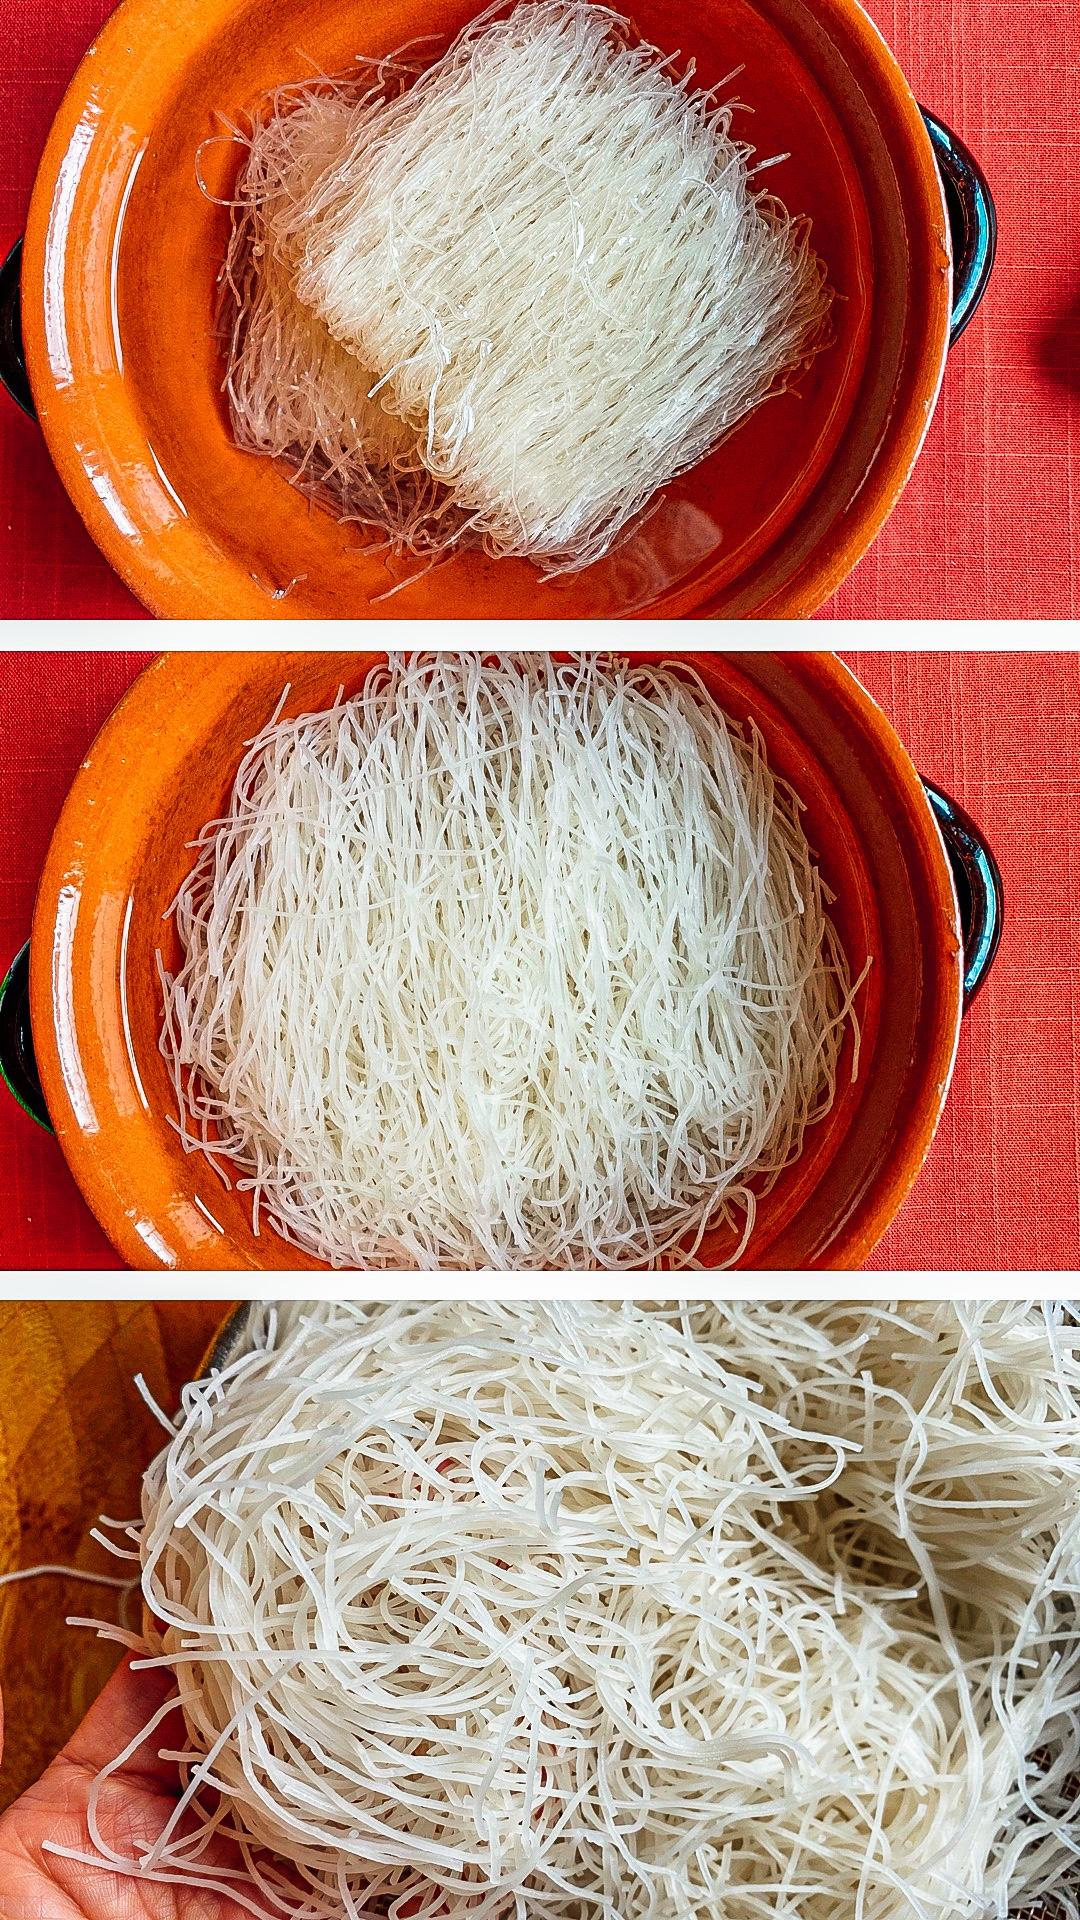 Metti gli spaghetti di riso in ammollo in acqua fredda (acqua del rubinetto) per 20 minuti. Scola gli spaghetti e lasciali in un setaccio o scolapasta per dopo.